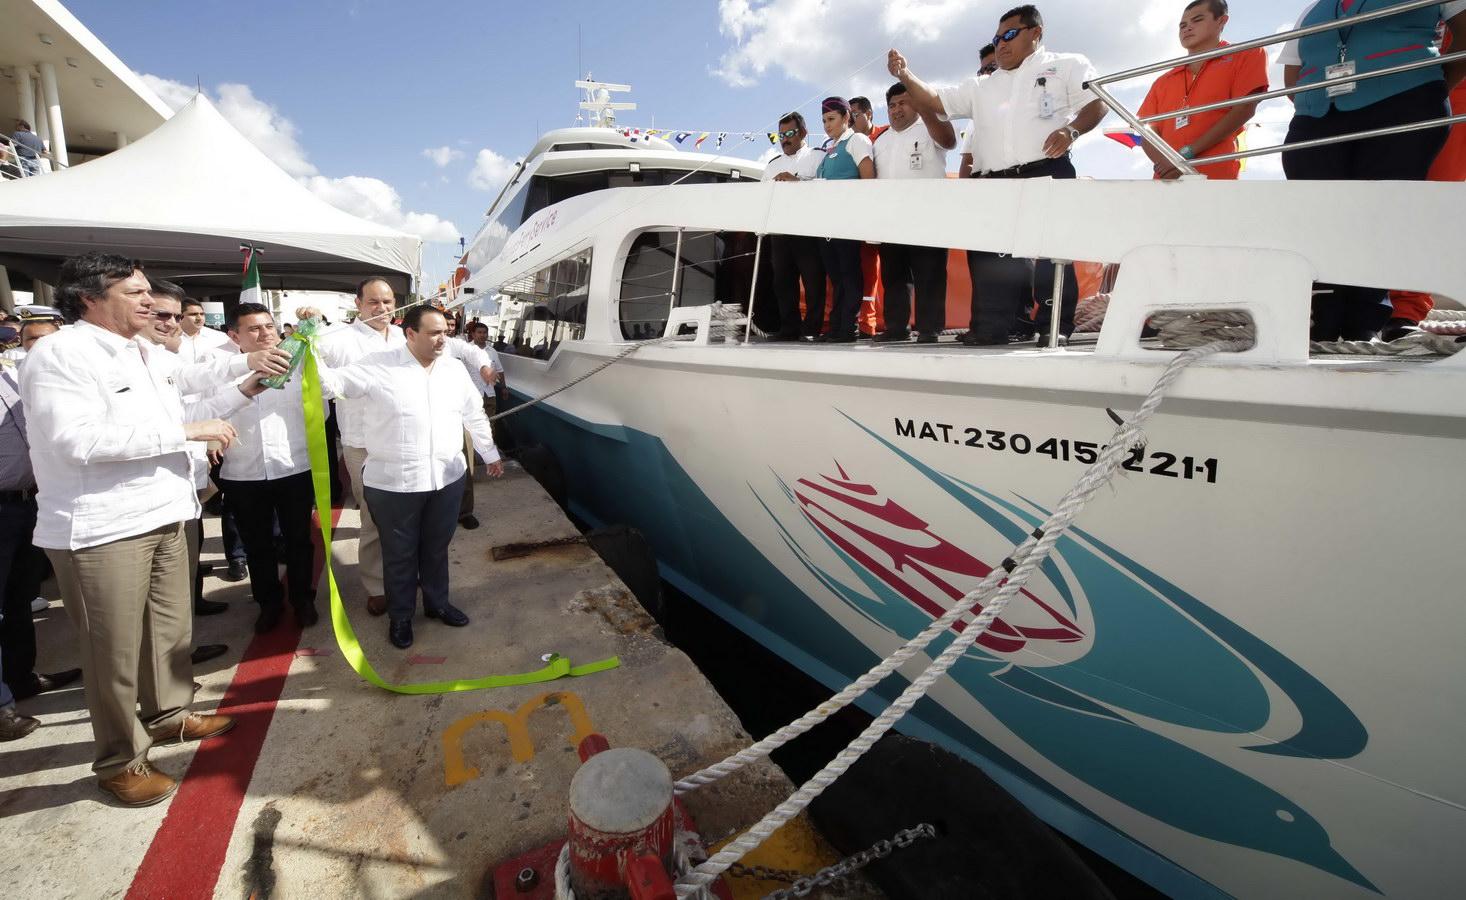 'HACE AGUA' 'BARCOS CARIBE': A sólo 3 días de iniciar operaciones, fallan las embarcaciones de la nueva naviera y deja 'colgados' a usuarios